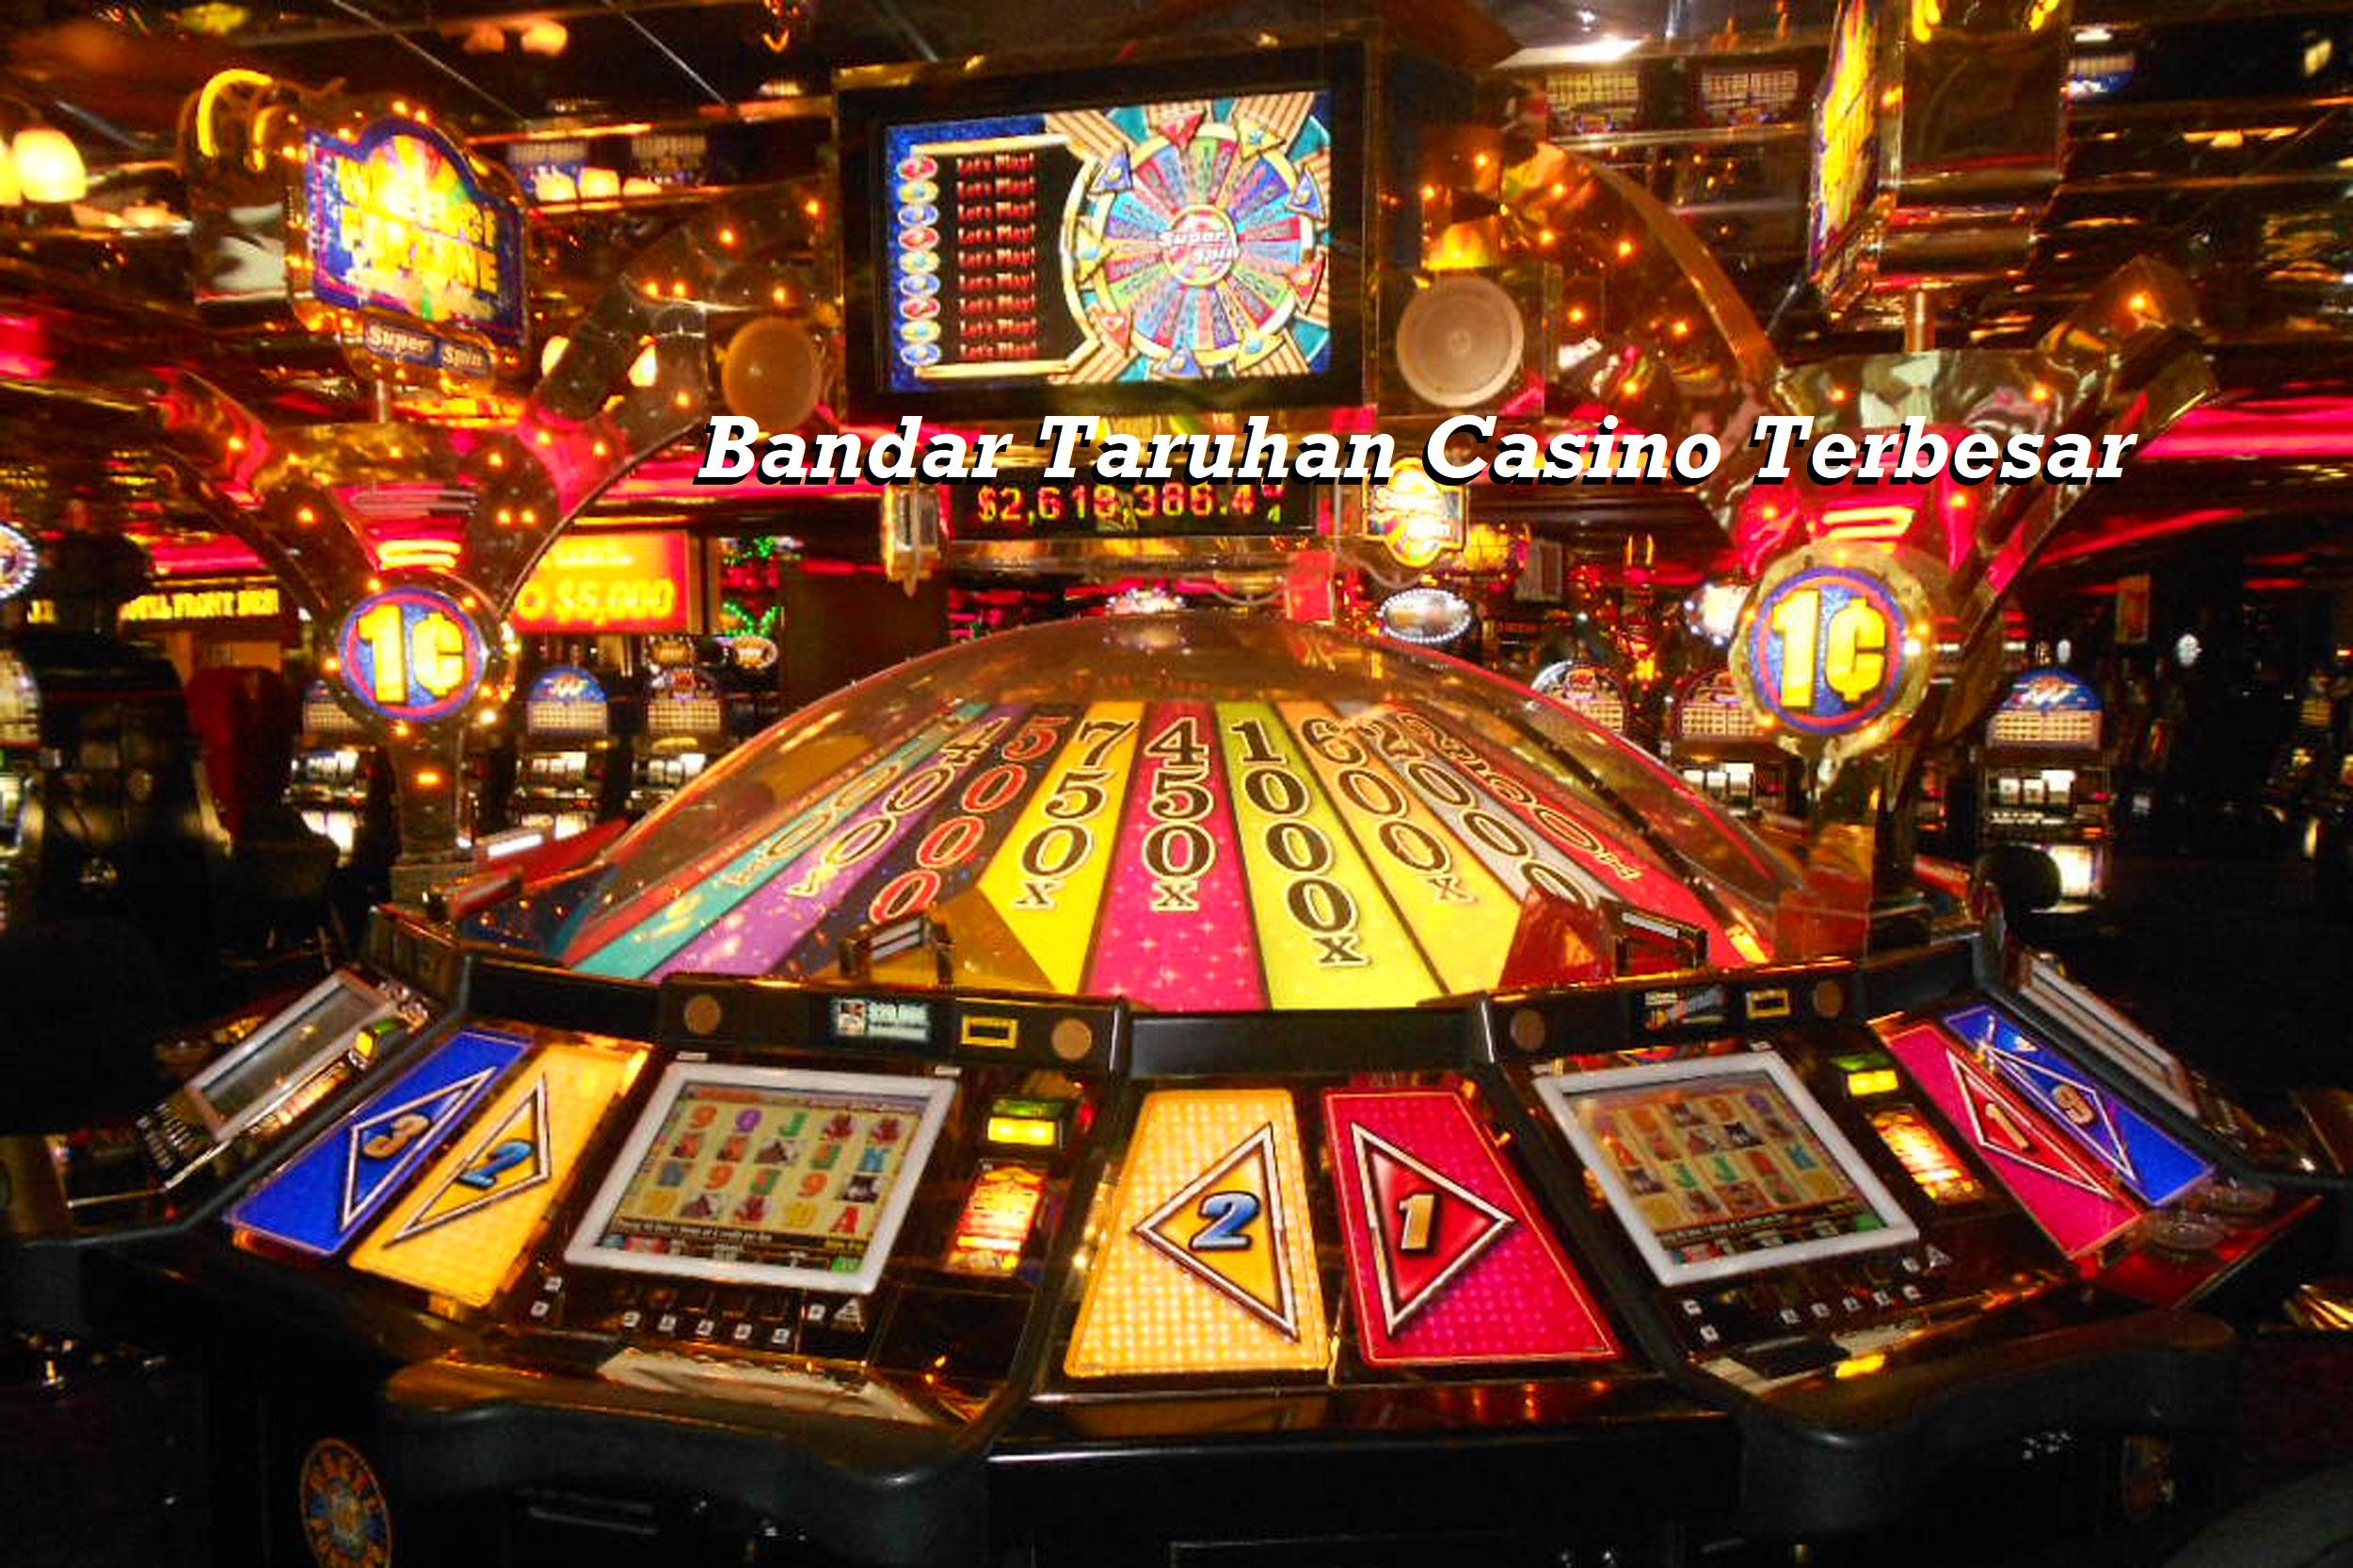 Bandar Taruhan Casino Terbesar